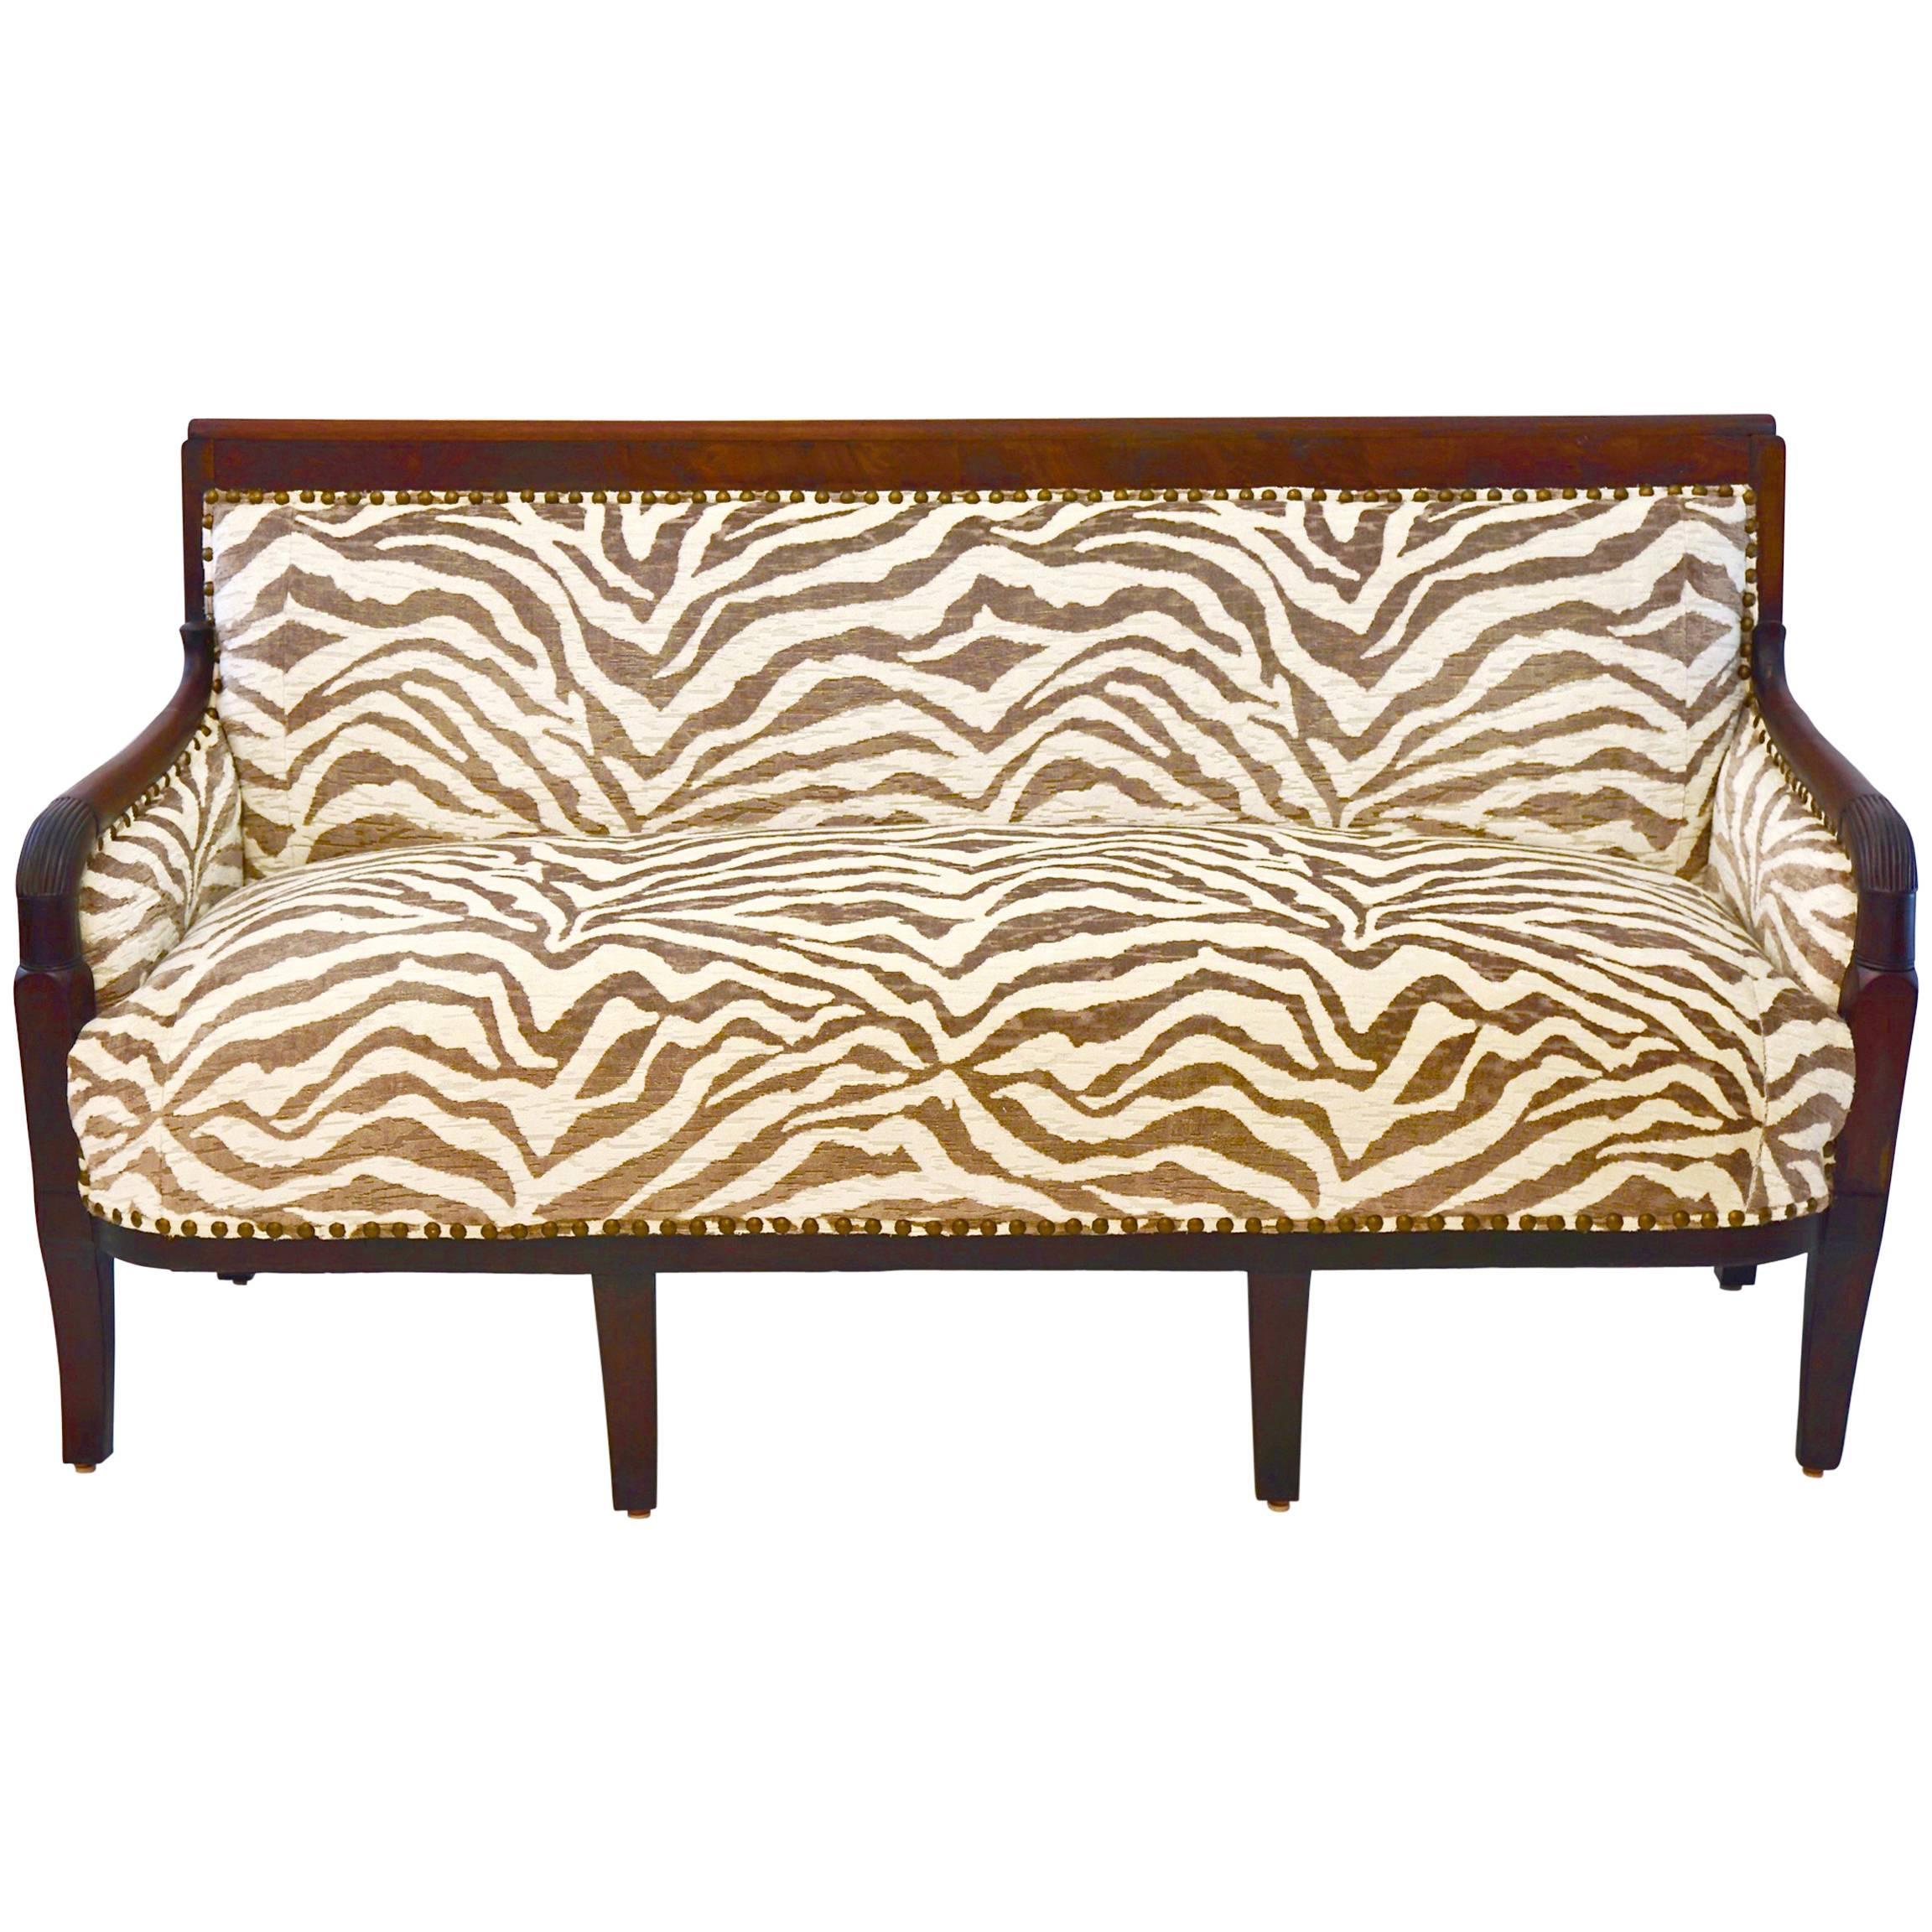 Empire-Style French Settee, Newly Upholstered in Zebra Velvet